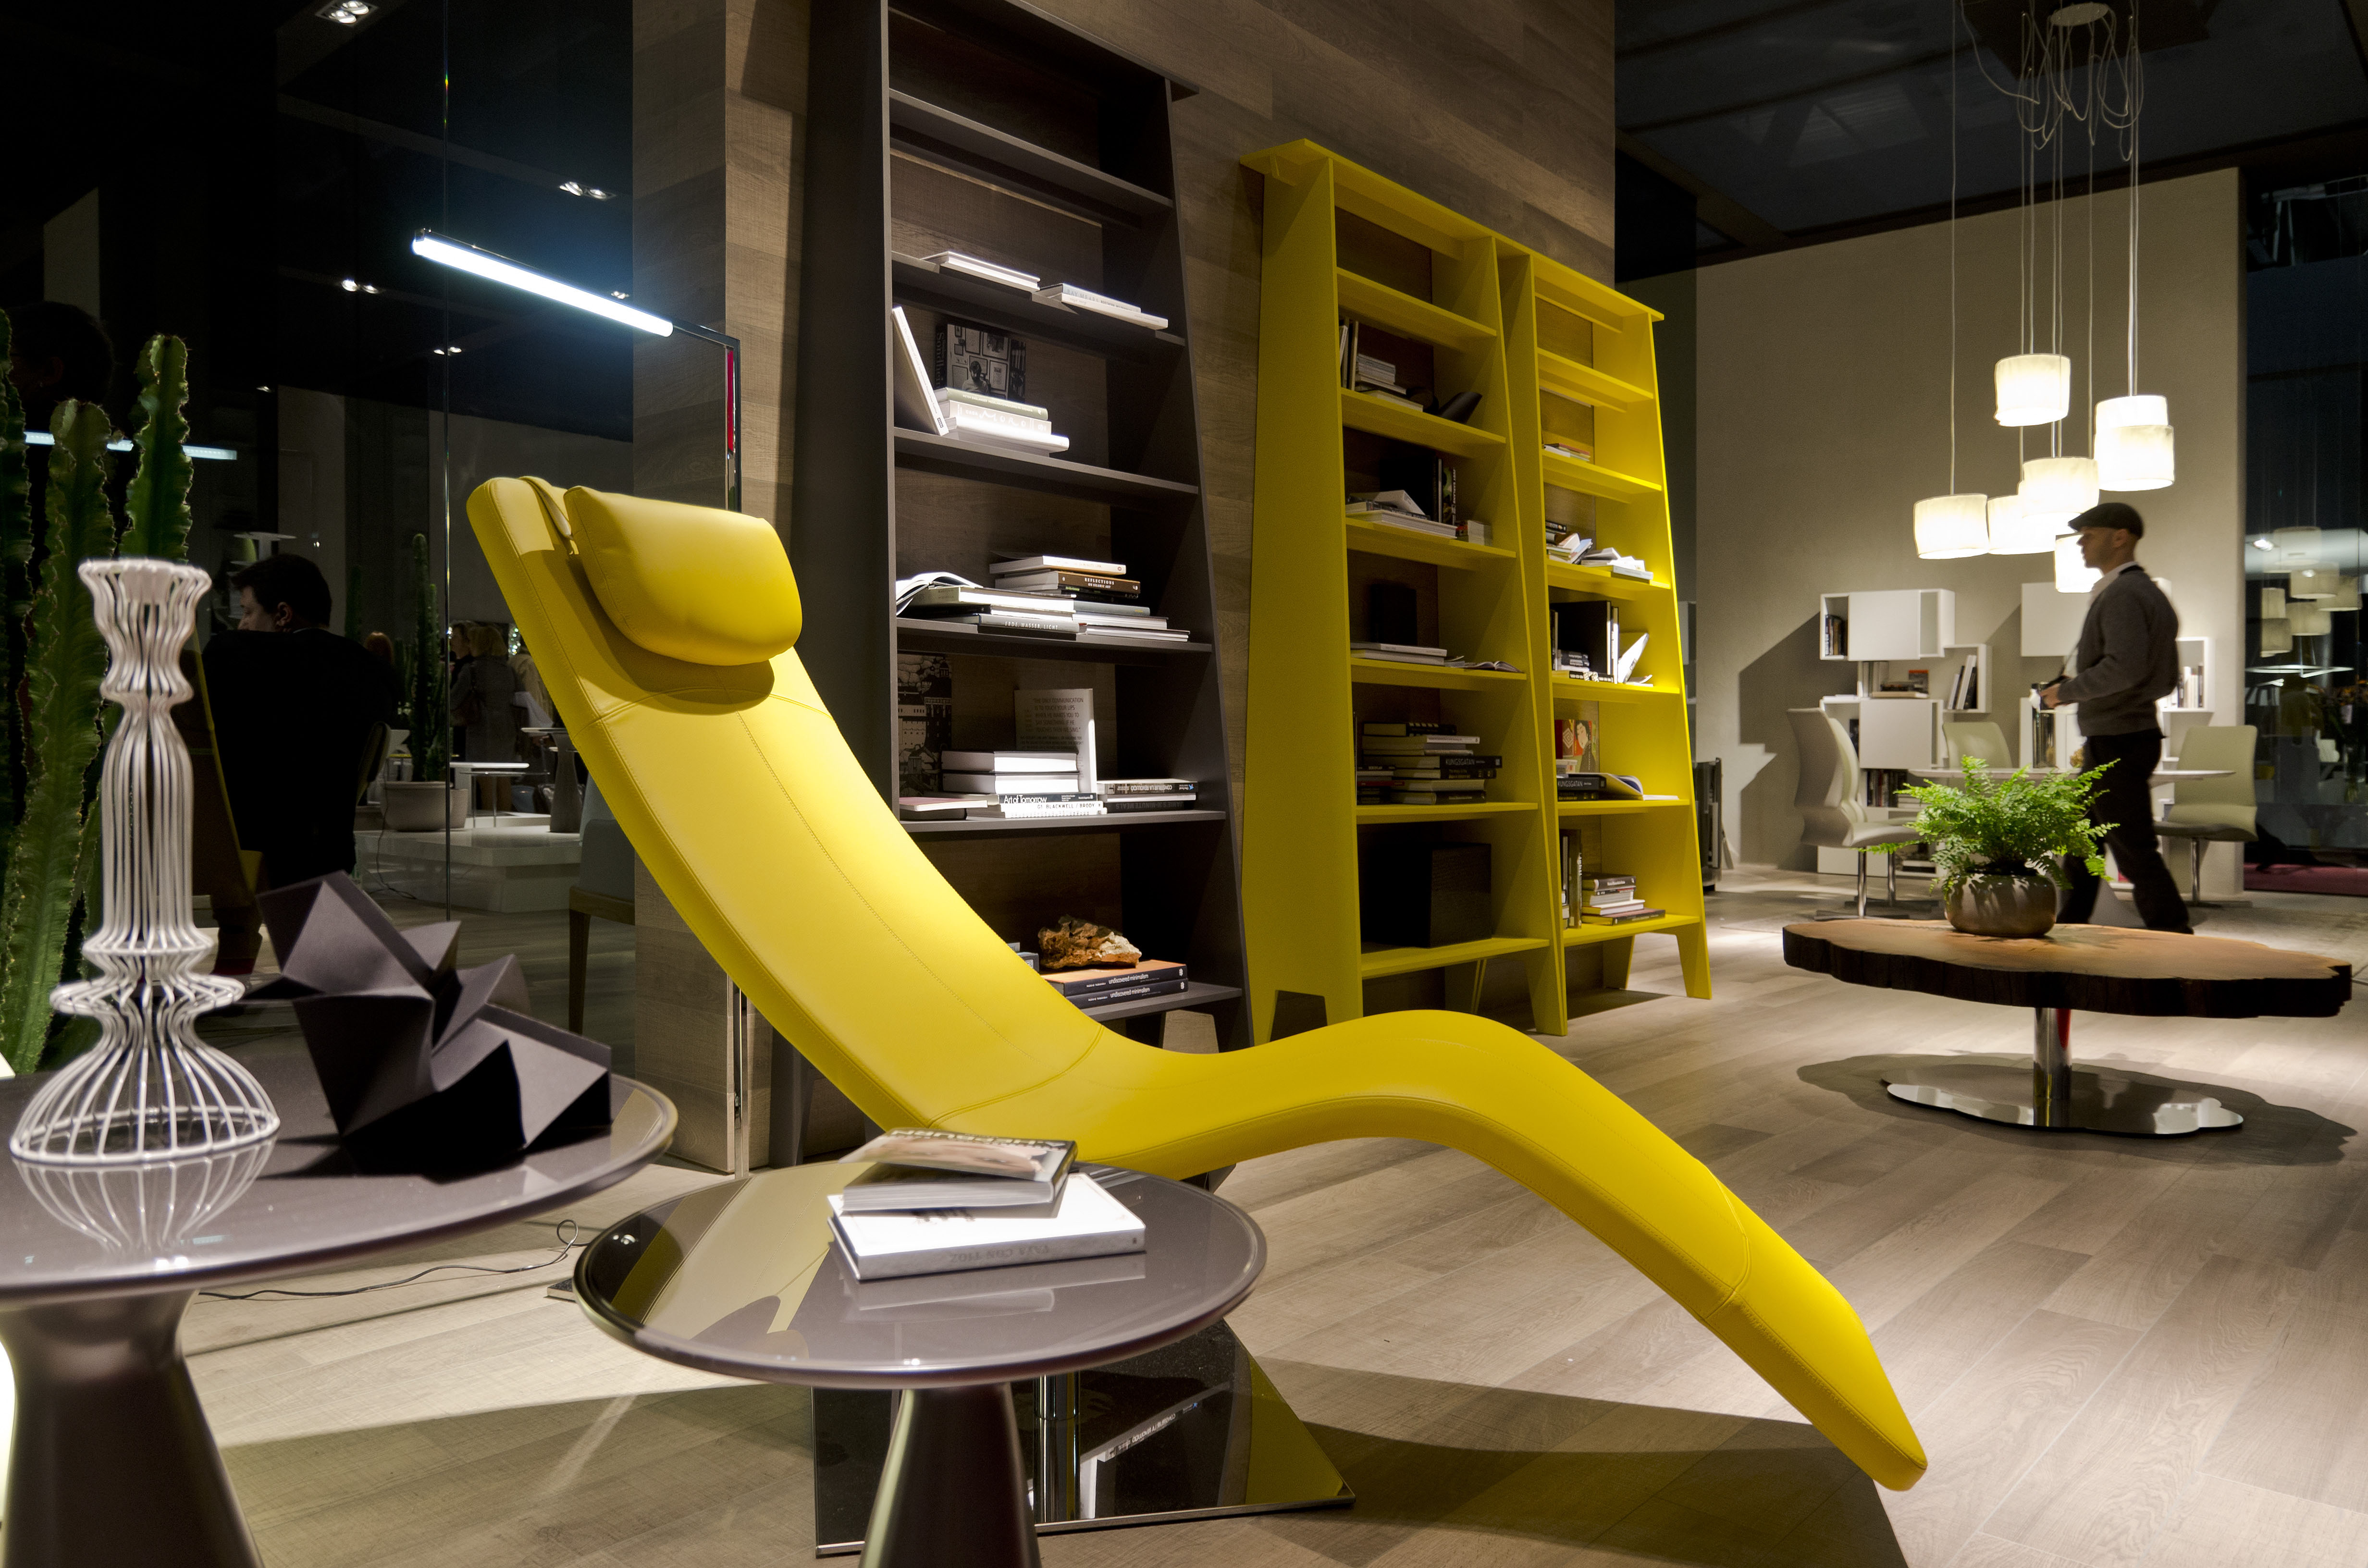 Milano dal 9 al 14 aprile i saloni del mobile 2013 uau magazine - Salone del mobile torino ...